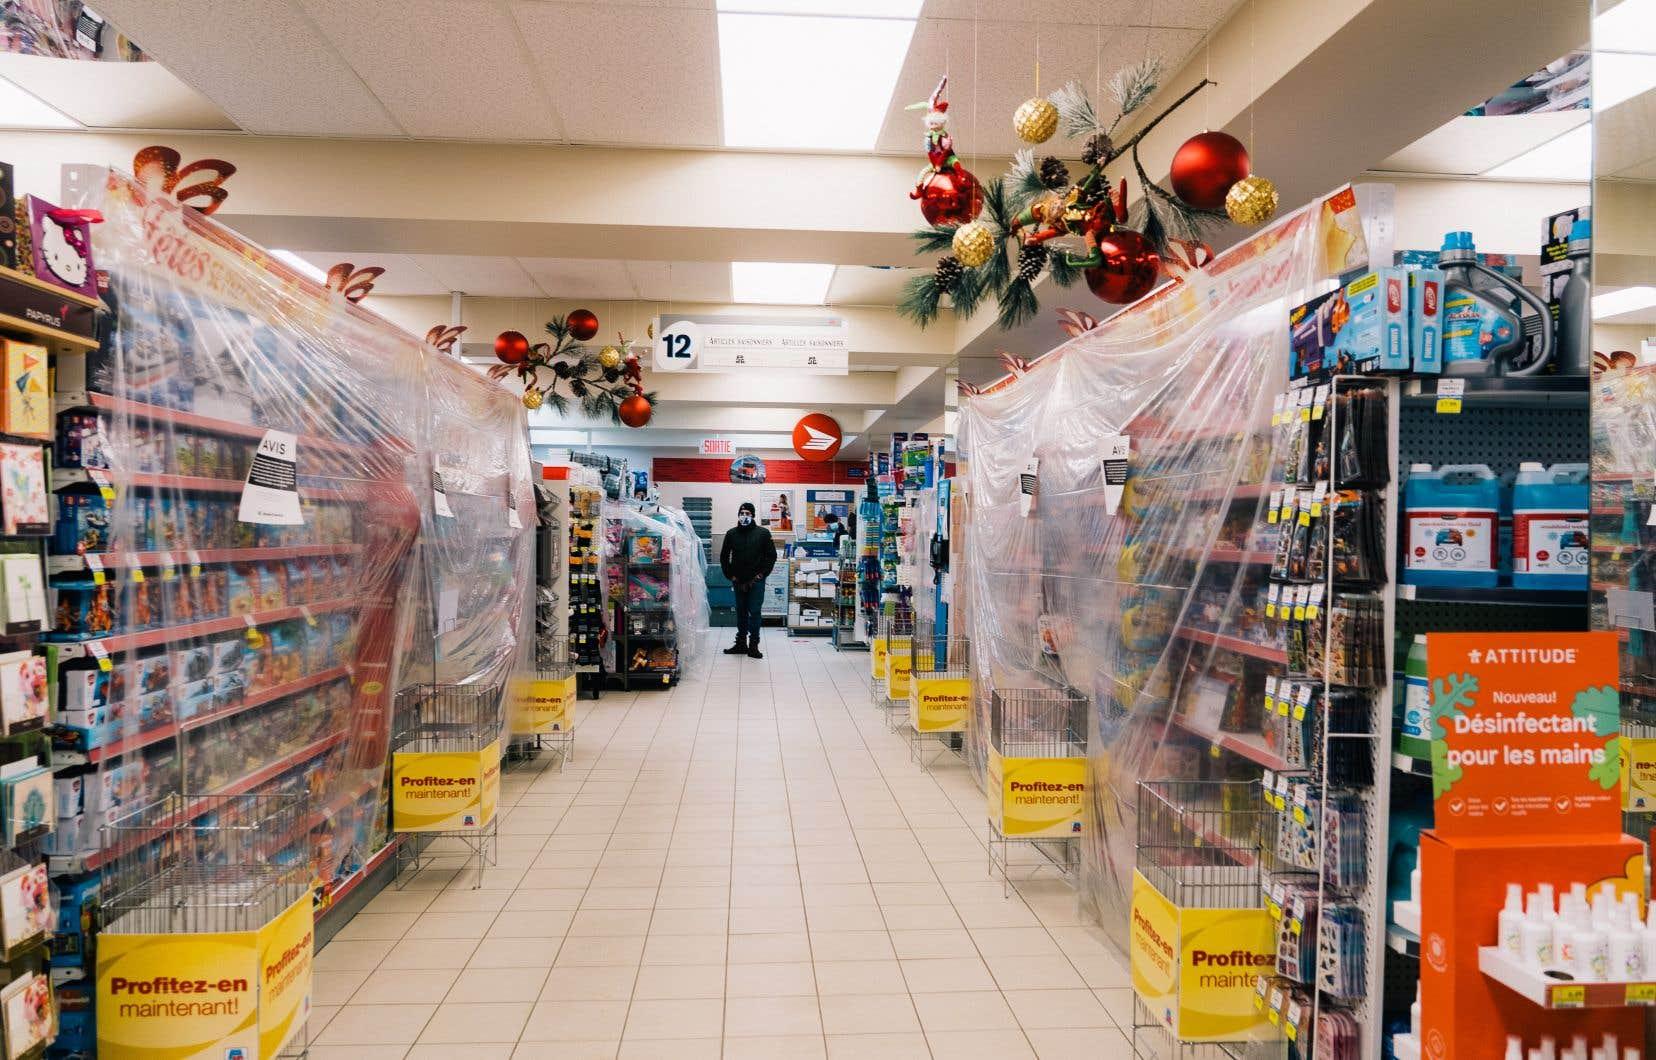 Les propriétaires de pharmacies sont plutôt satisfaits de ne pas avoir de limitation de leurs heures d'ouverture. Le contexte économique reste quand même difficile pour ces commerçants, puisque la clientèle ne pourra toujours pas y magasiner de produits jugés non essentiels, sauf en mode «commandes préparées d'avance par téléphone».